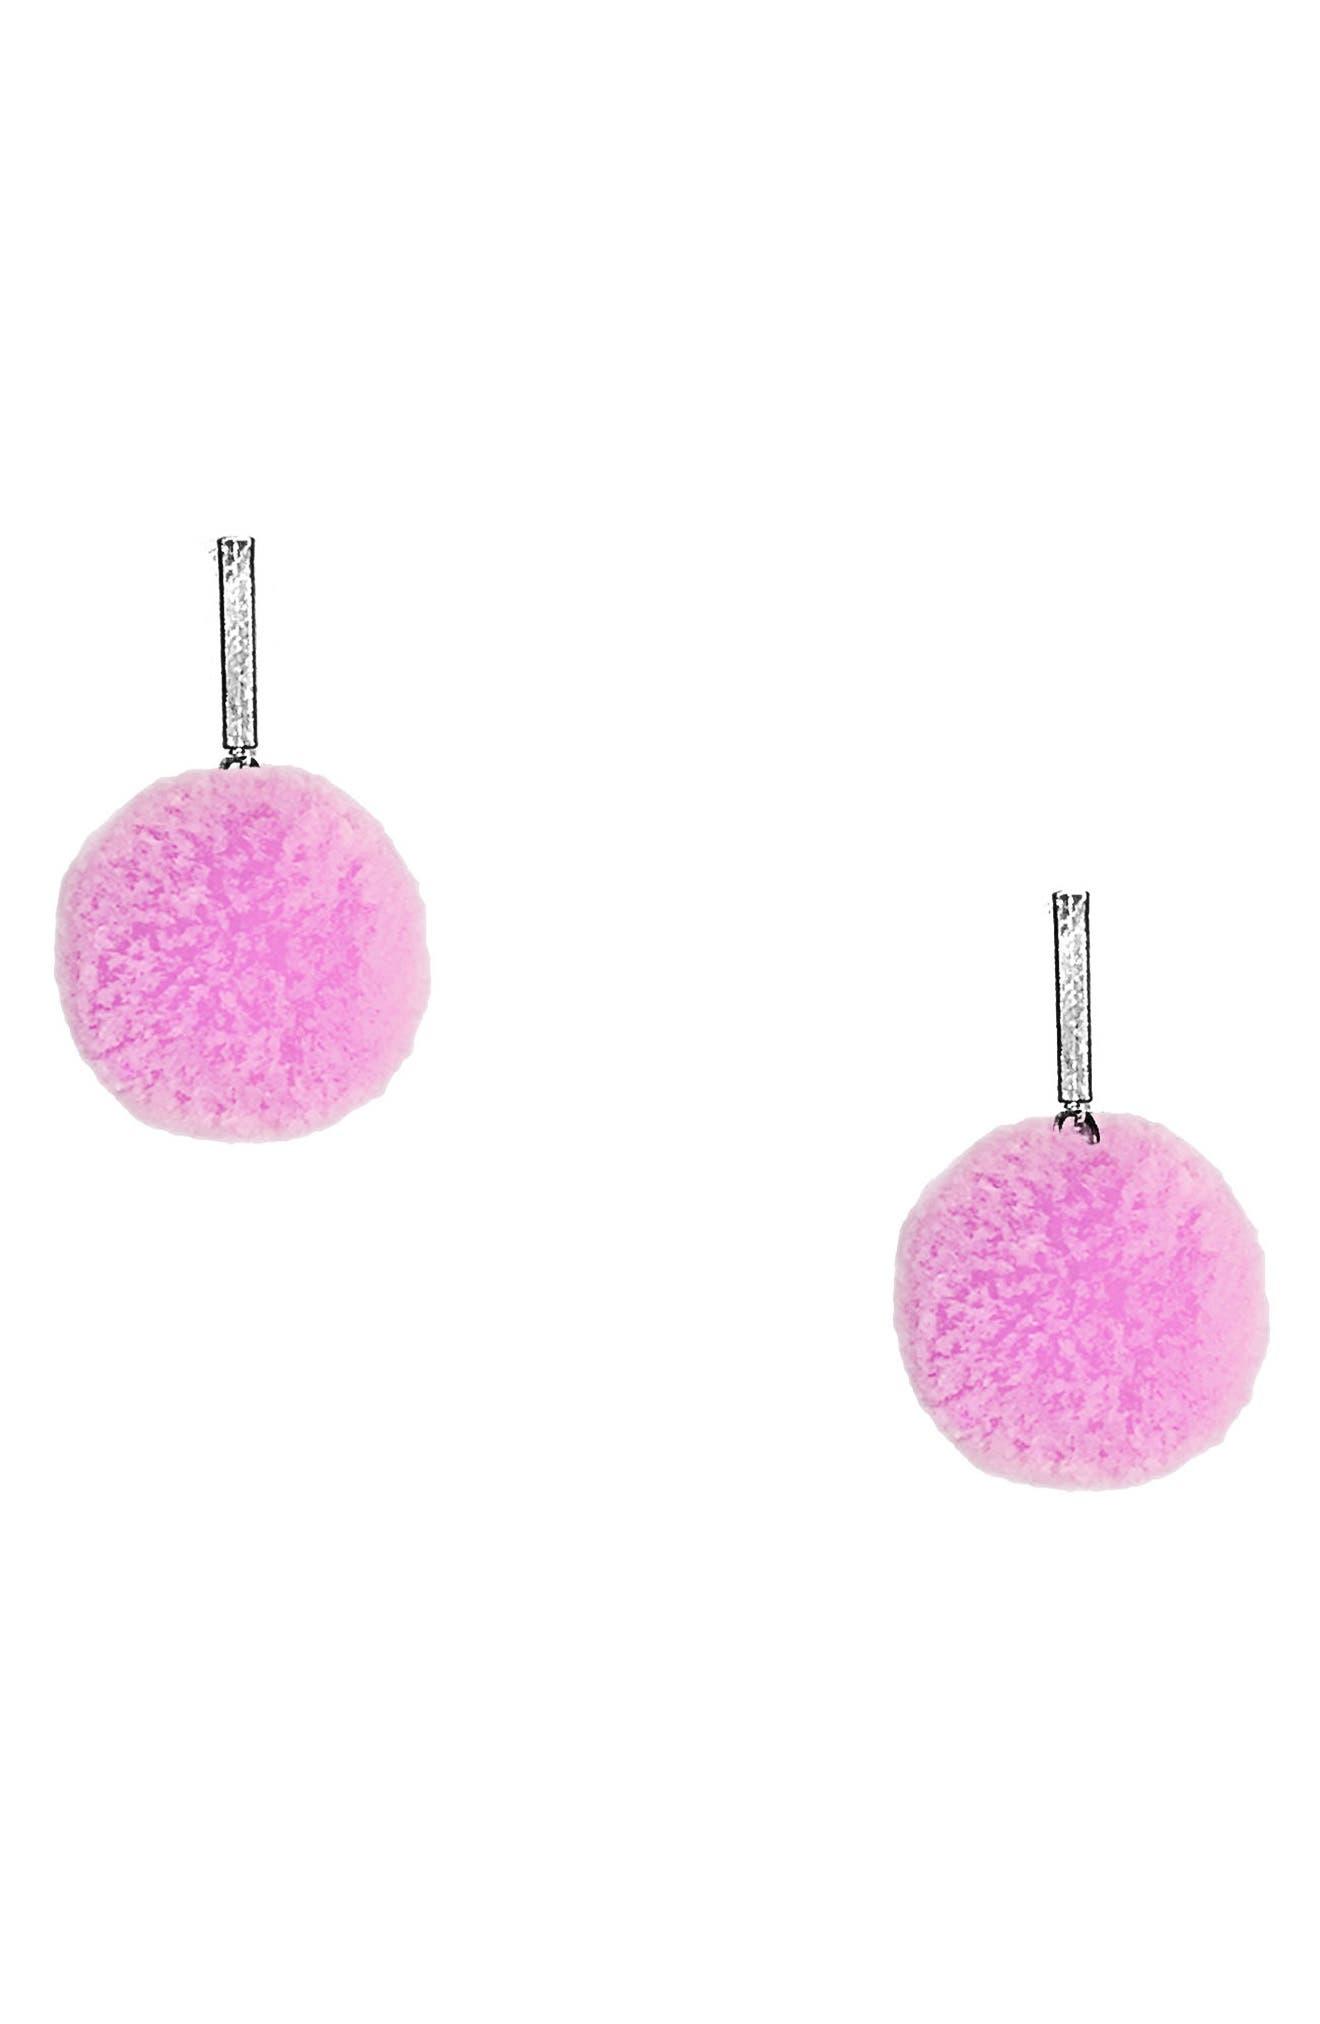 Velvet Pompom Stud Earrings,                         Main,                         color, Silver/ Light Pink